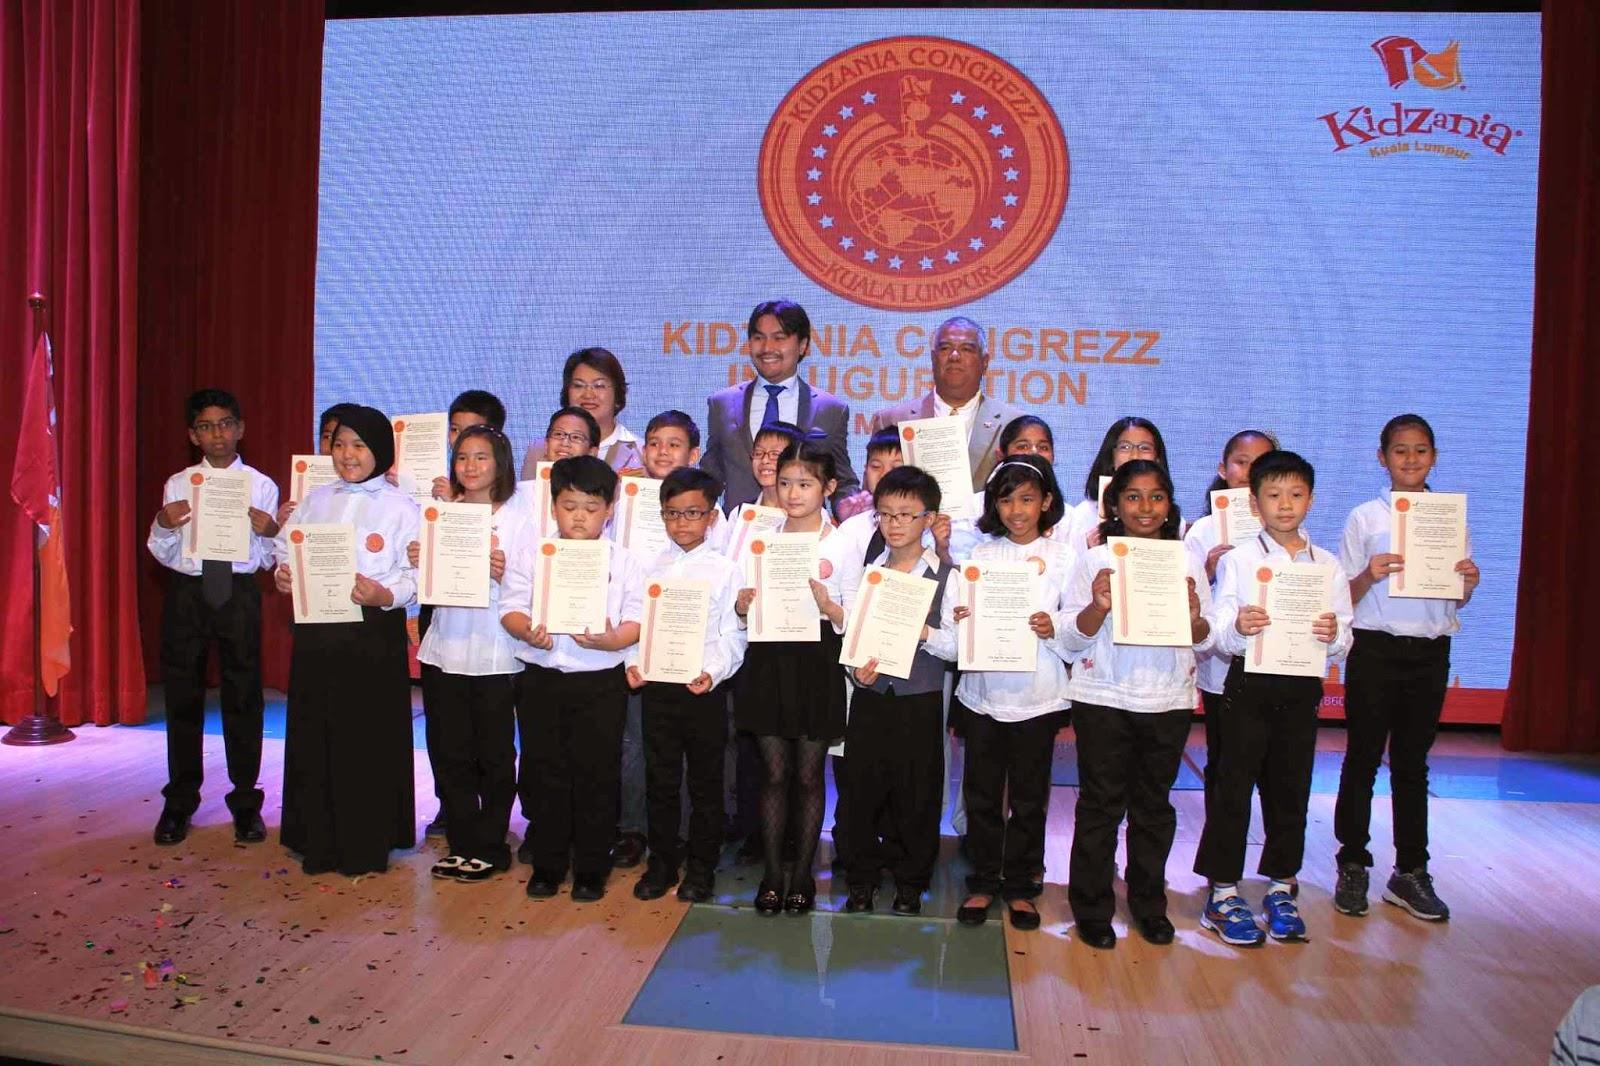 image-newly-sworn-in-KidZania-Congrezz-kids